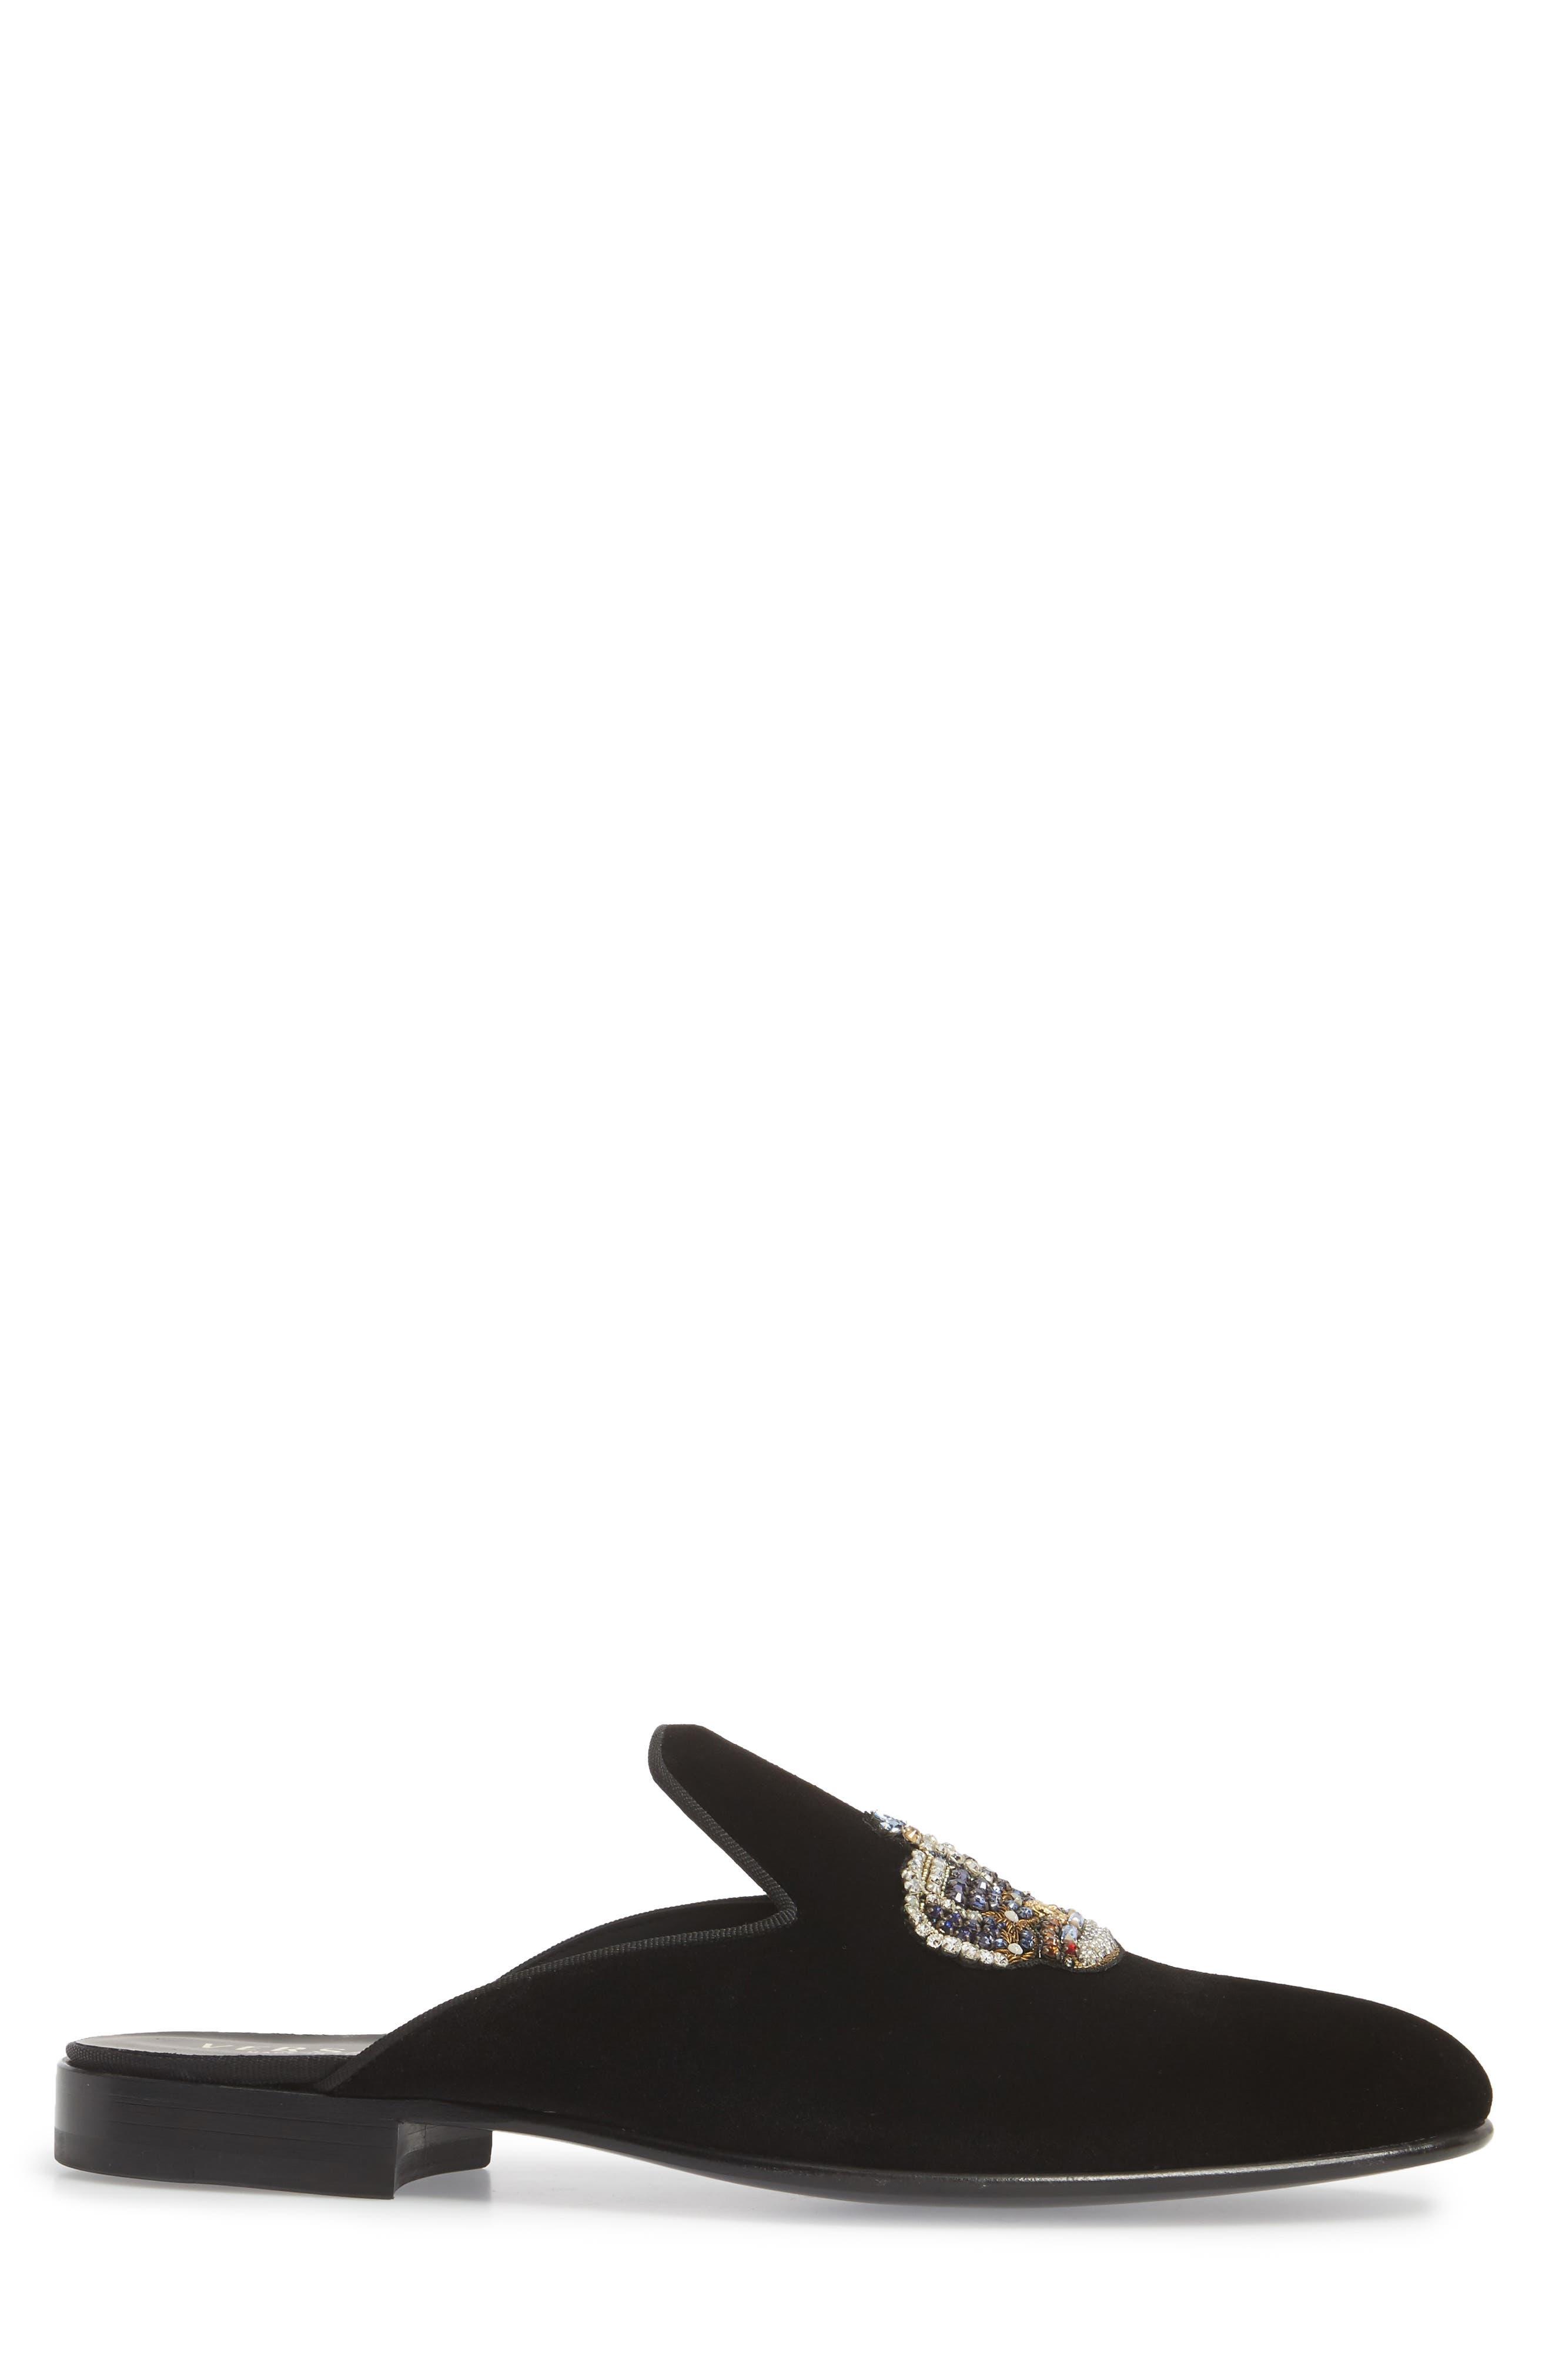 Gianni Embellished Crown Loafer Mule,                             Alternate thumbnail 3, color,                             Black Warm Gold